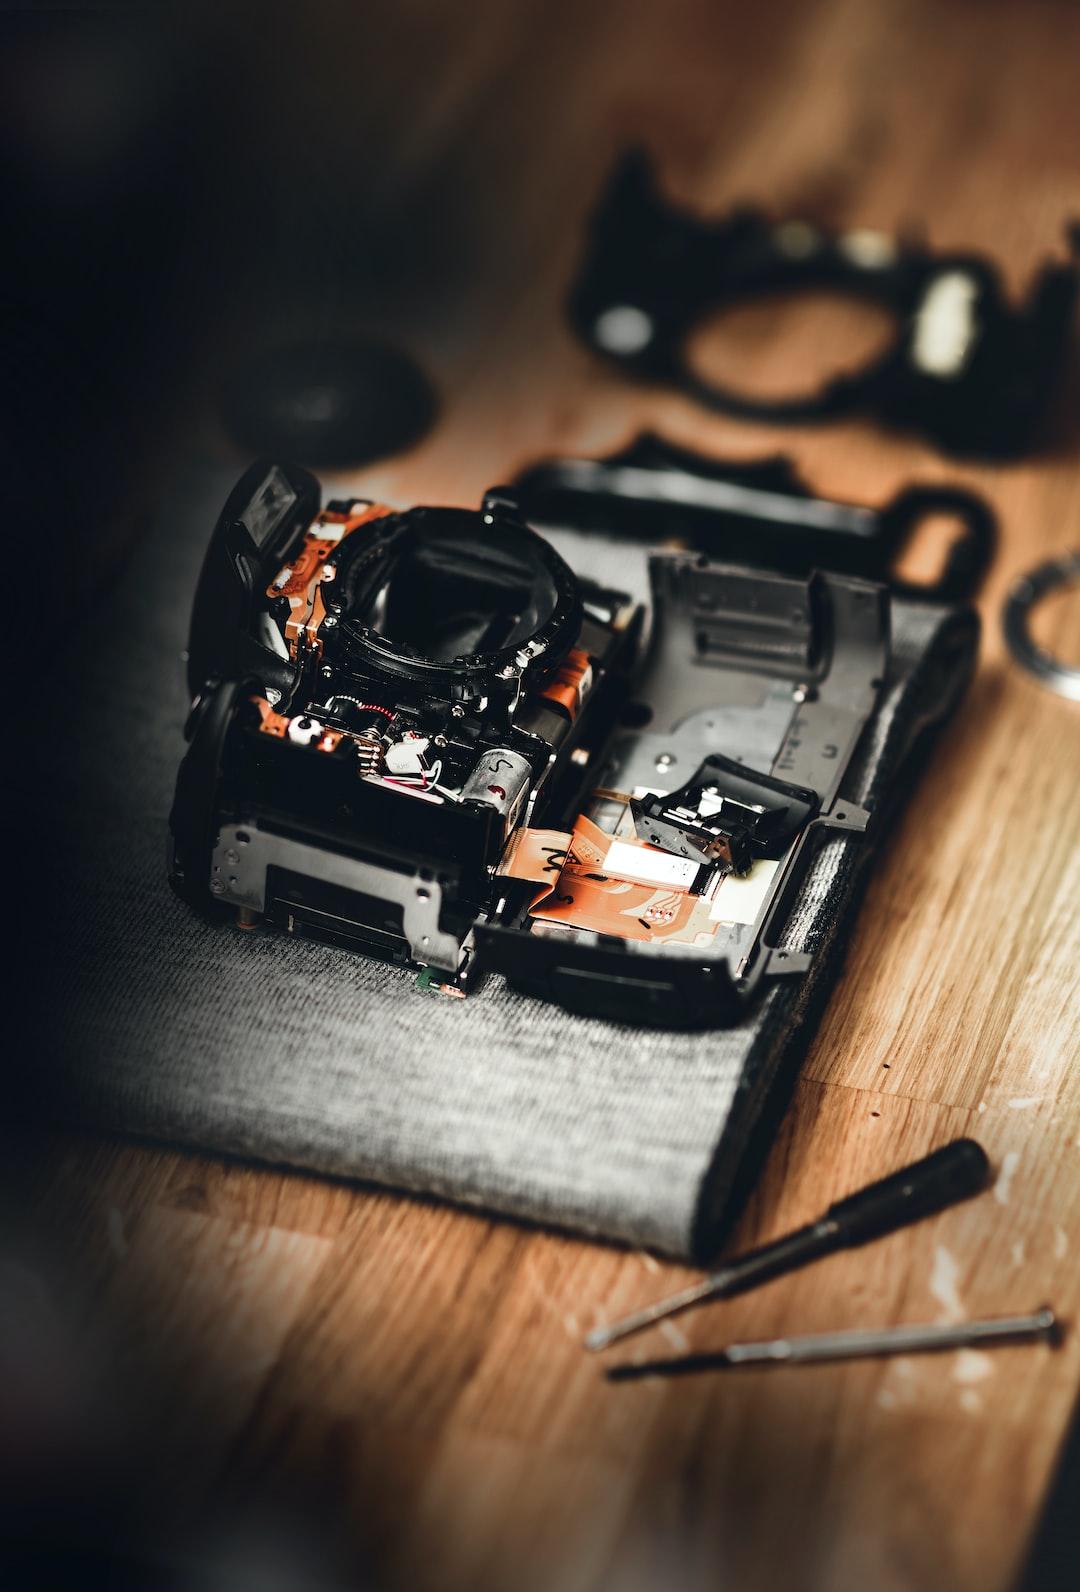 Peter Mckinnon inspired camera repair photo